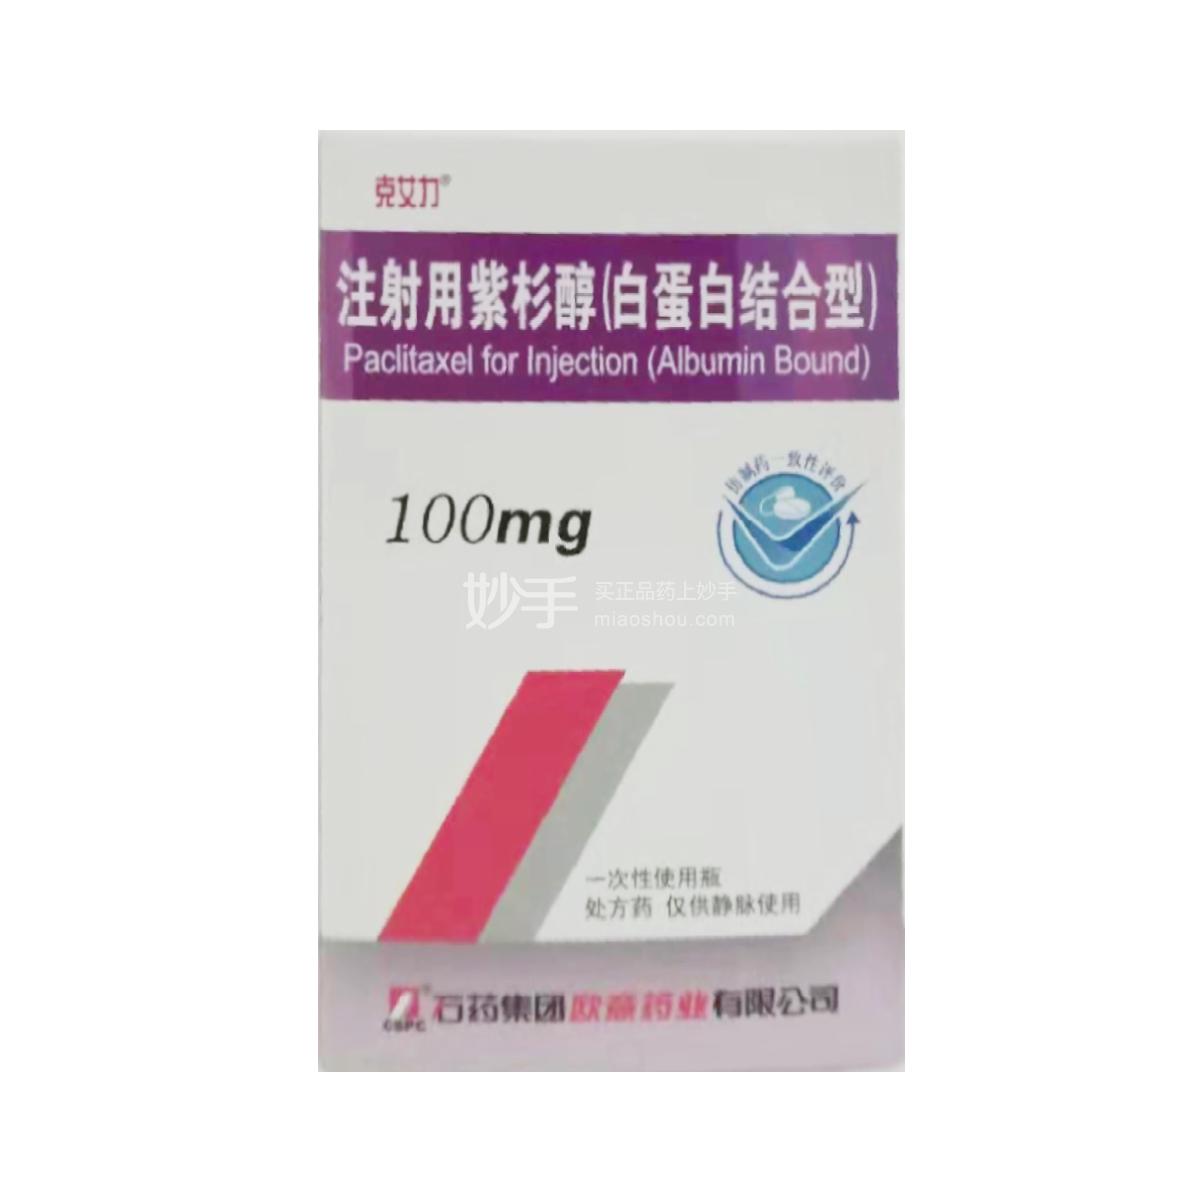 【克艾力】注射用紫杉醇(白蛋白结合型) 100mg